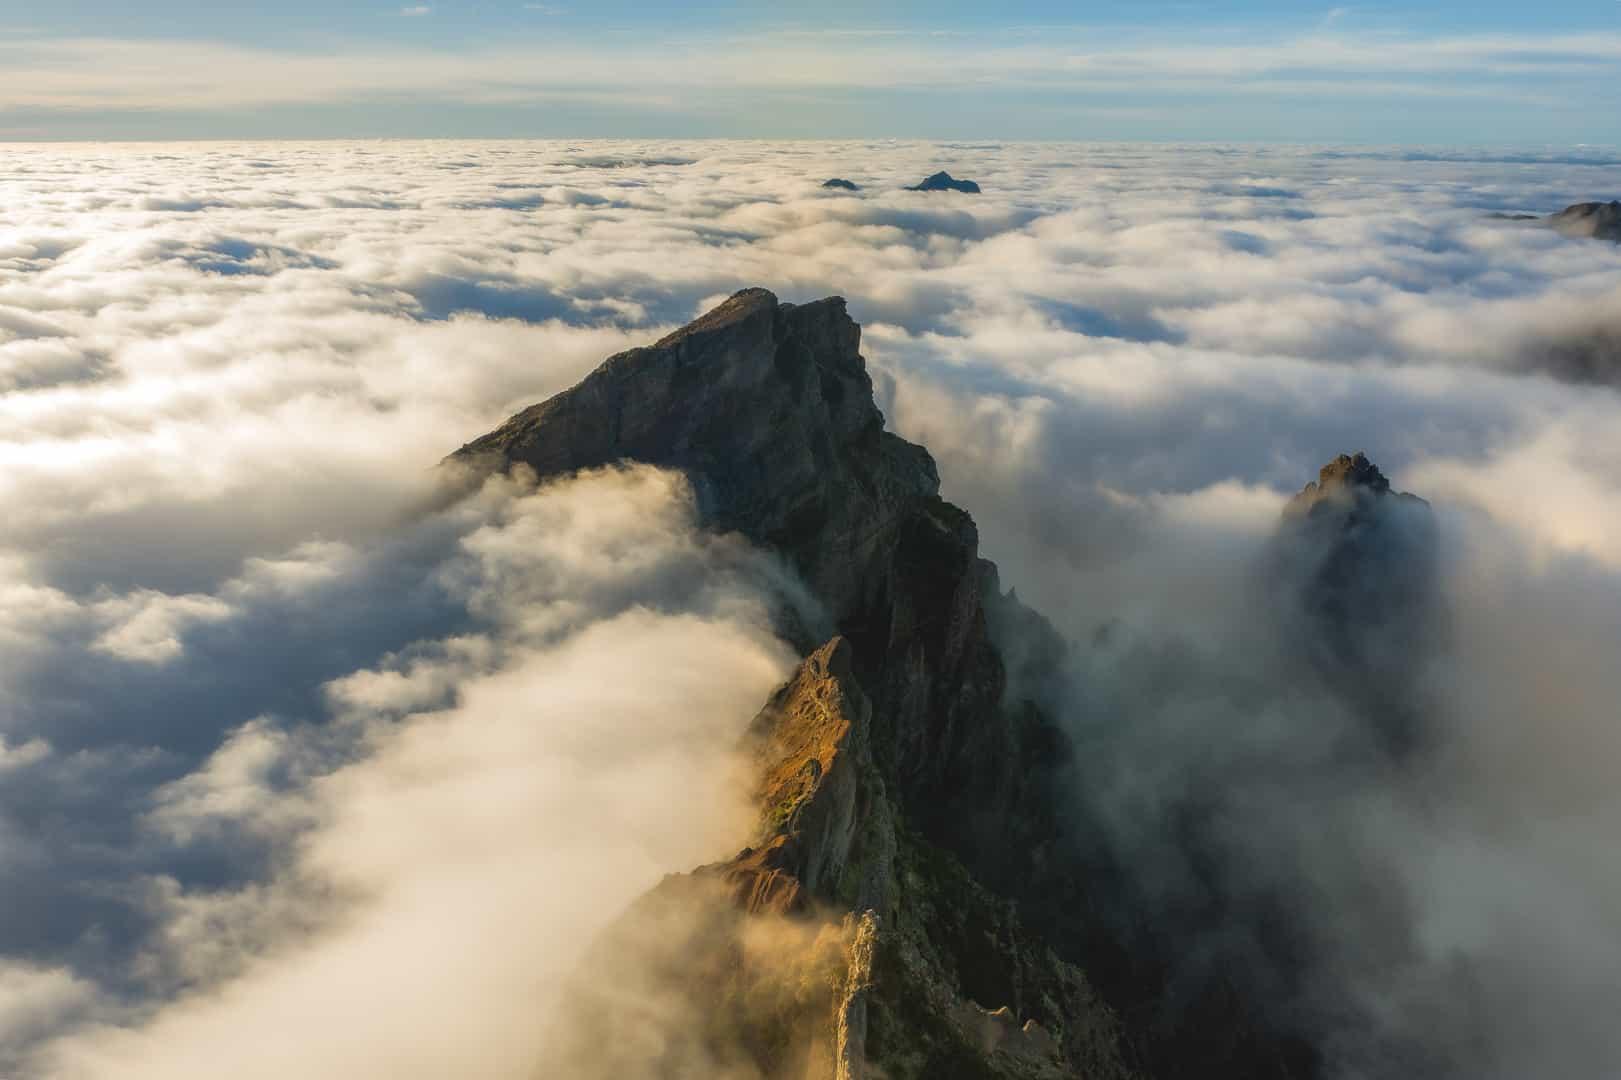 pico-do-arieiro-trail-clouds